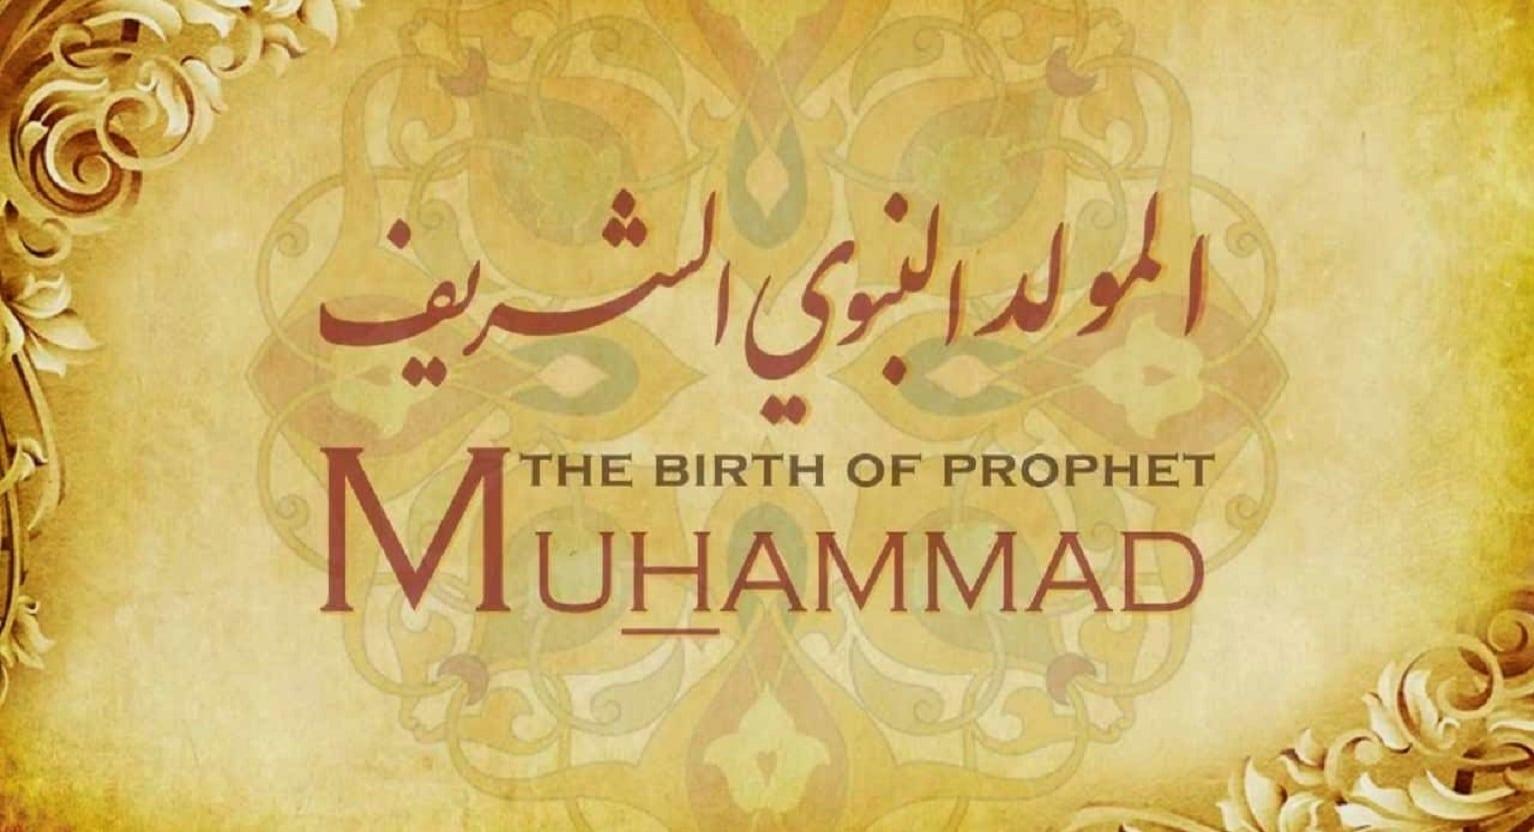 صور صور عن المولد النبوي الشريف , اجمل الصور عن المولد النبوى الشريف